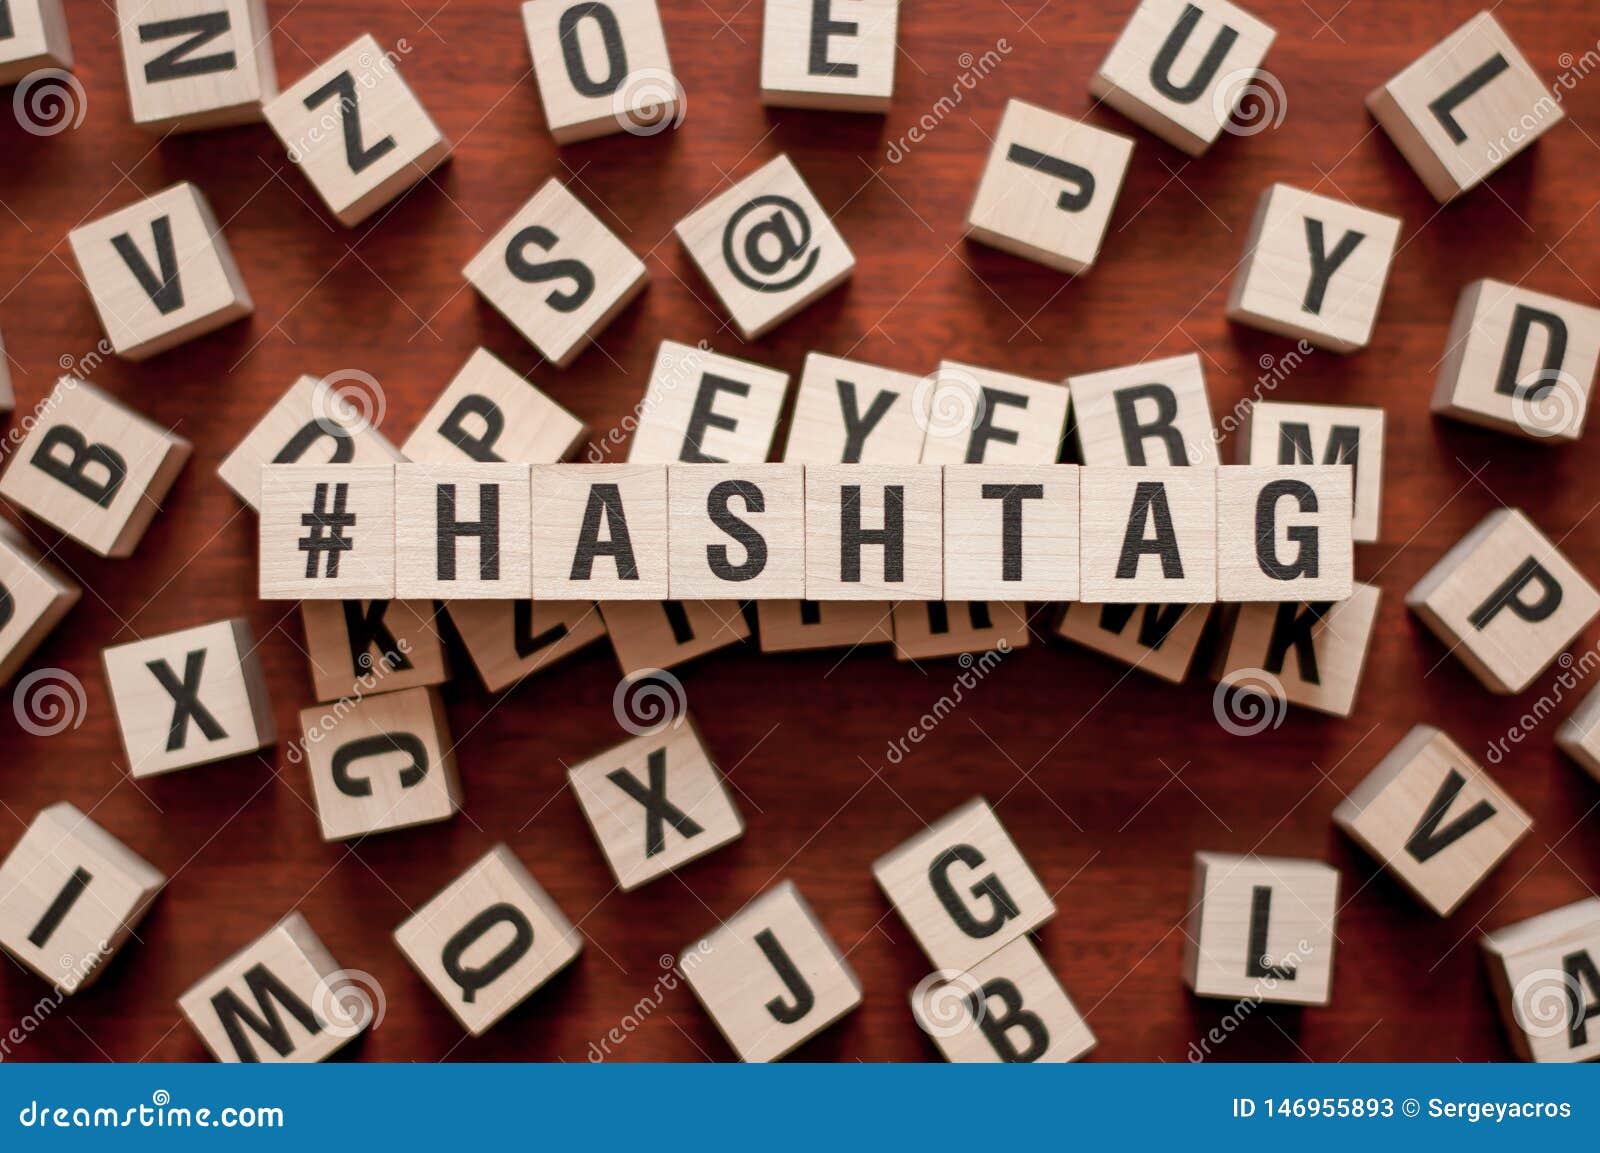 Έννοια λέξης Hashtag στους κύβους